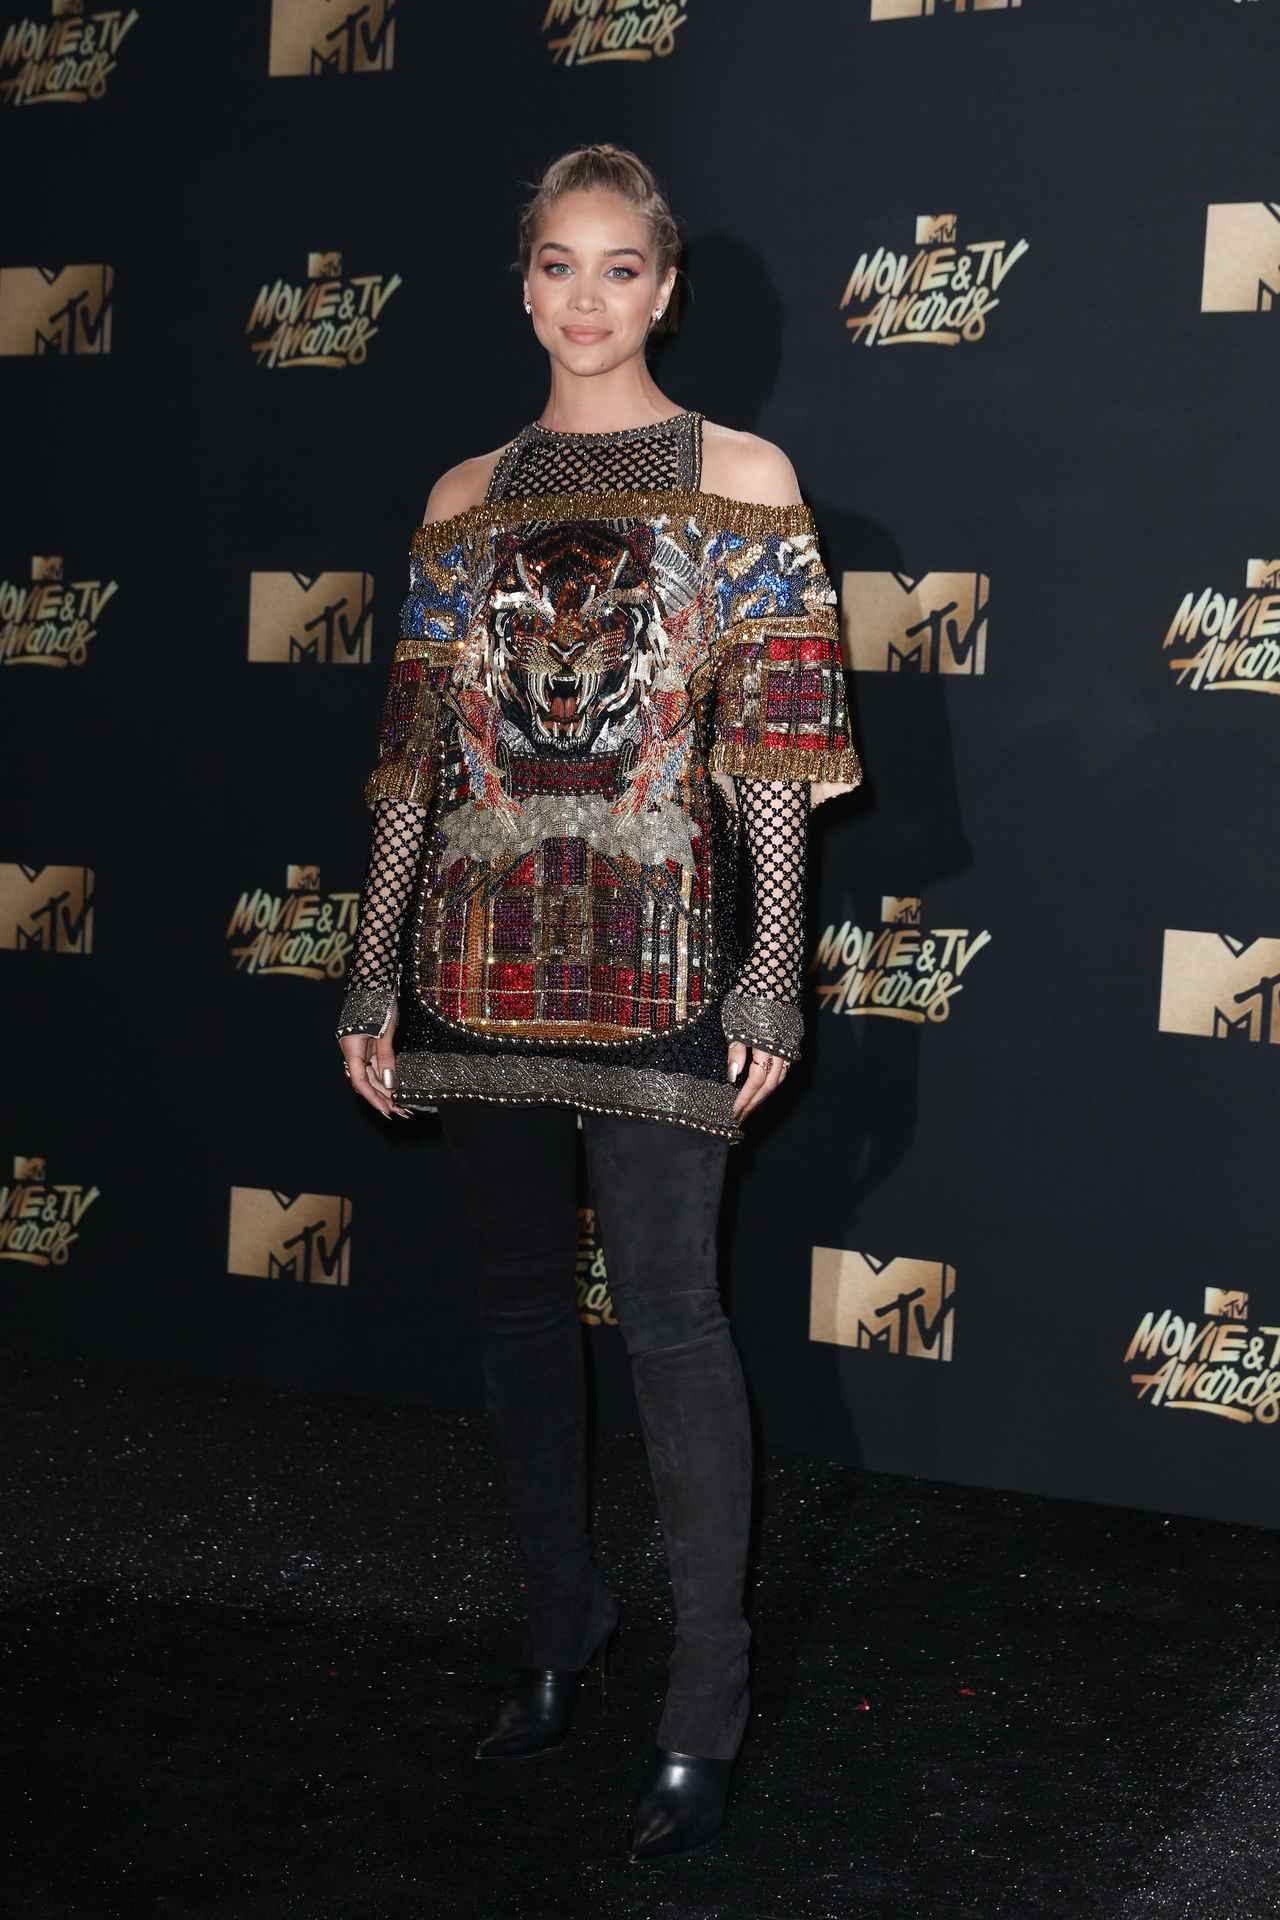 画像8: エマ・ワトソンやカーラ・デルヴィーニュも登場!MTVアワードのドレスを紹介